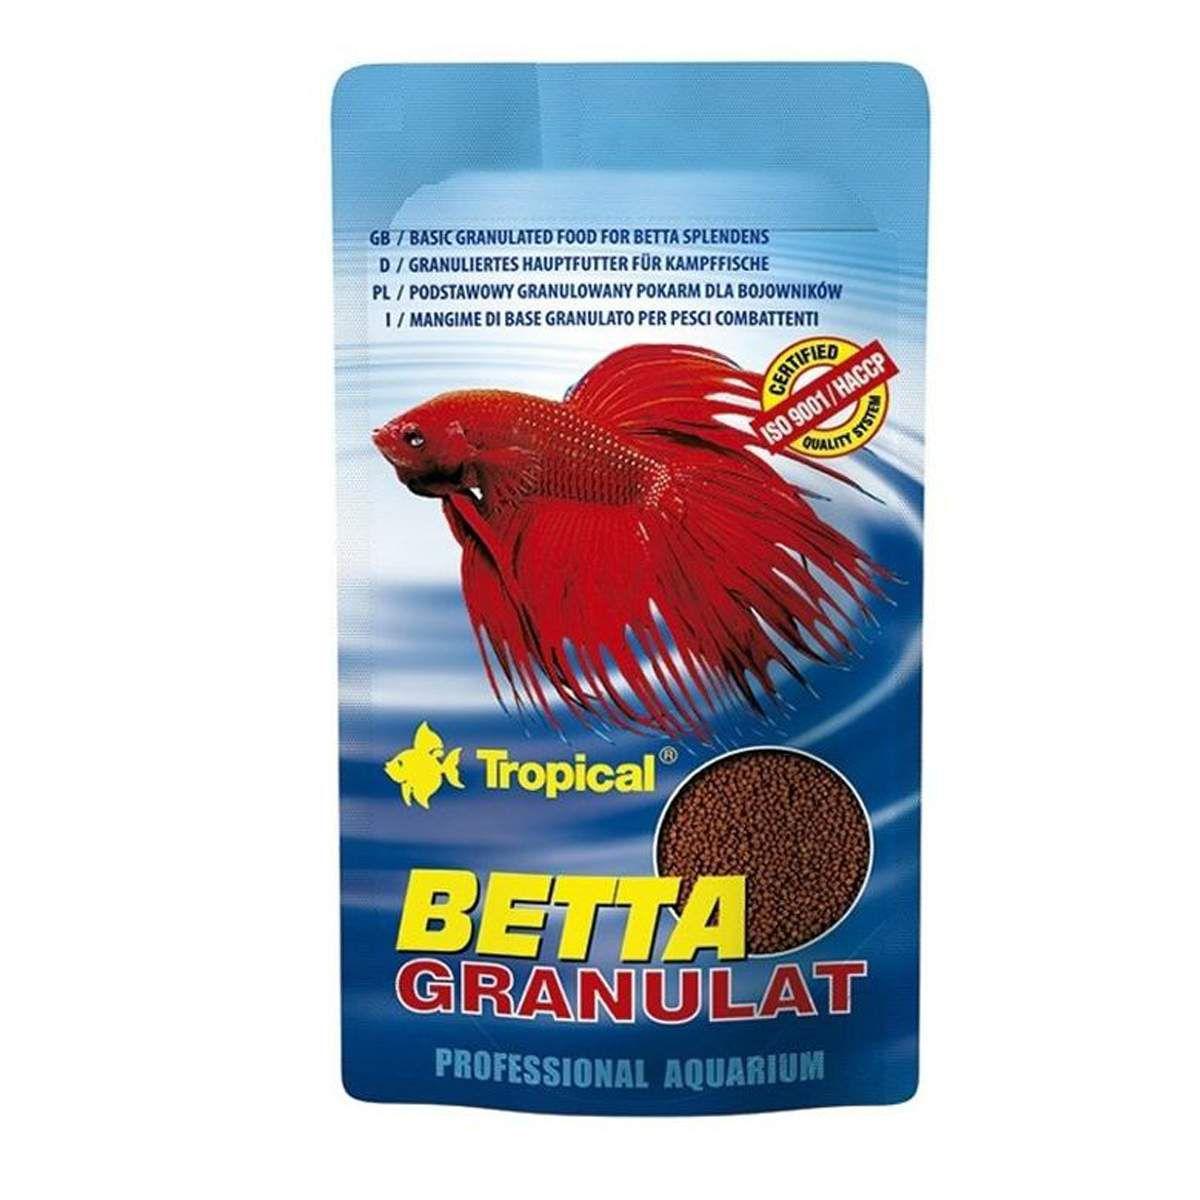 Tropical Betta Granulat 5g